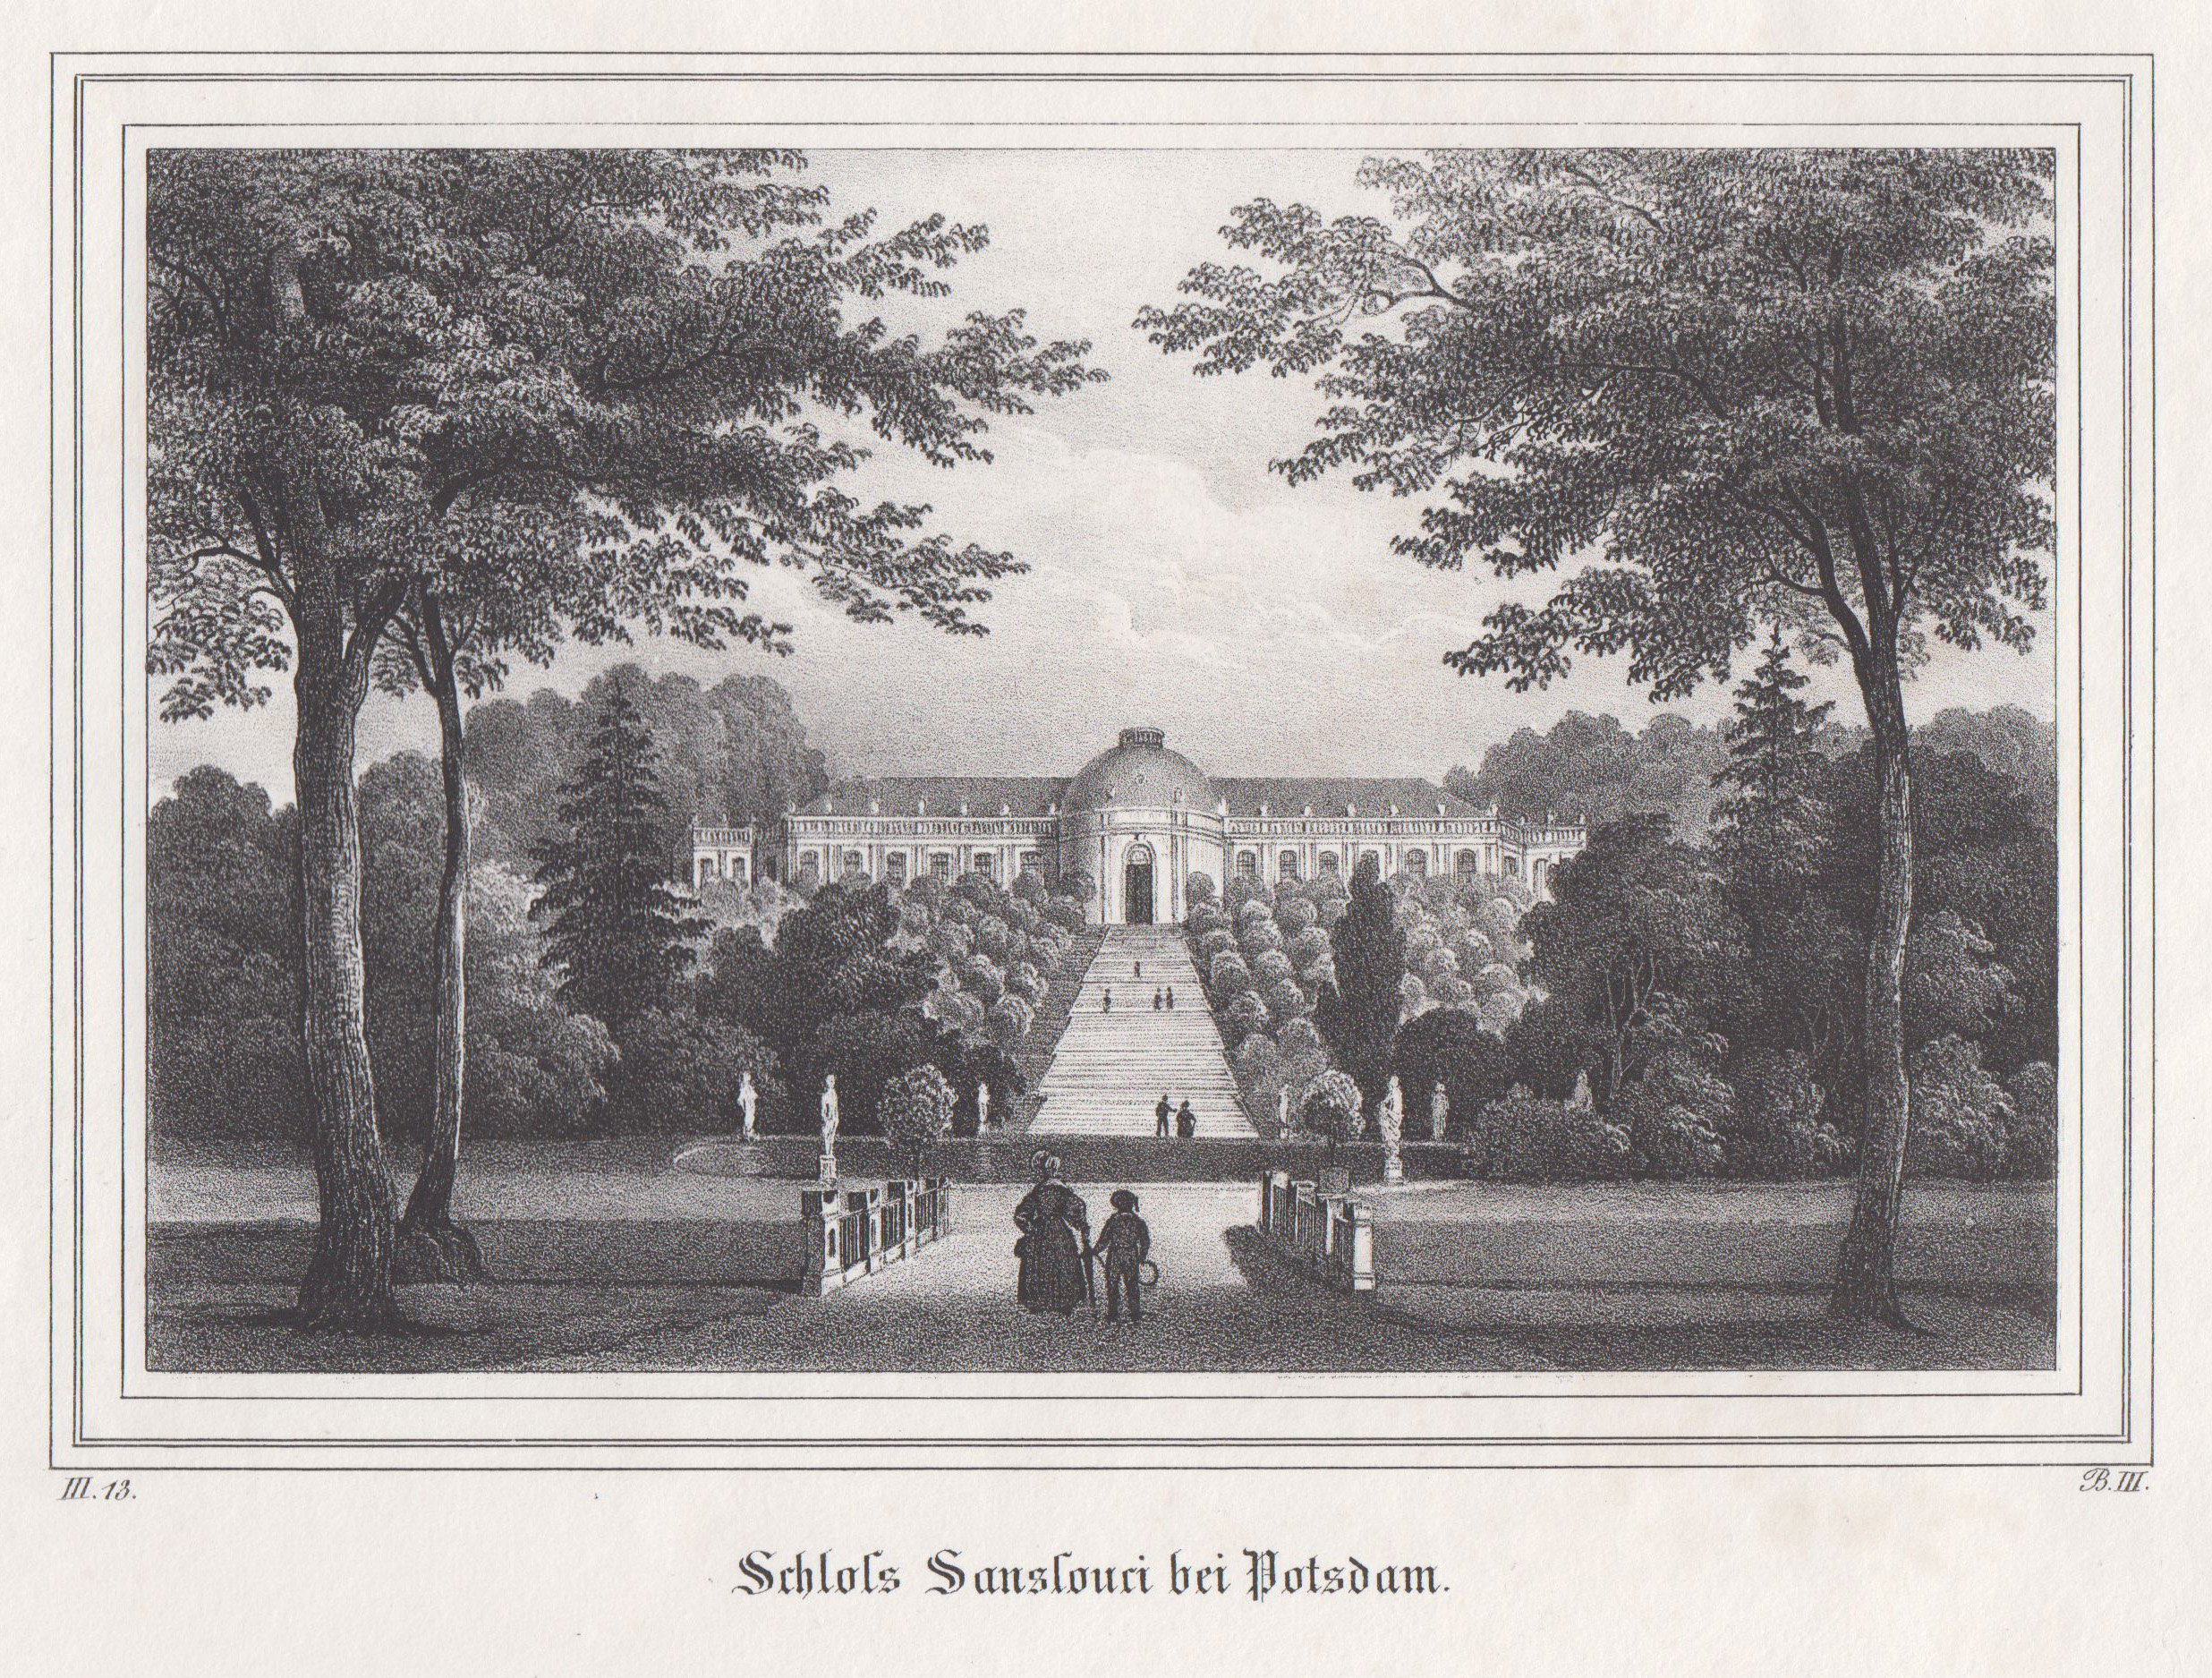 """Ansicht mit den Terrassen, """"Schloss Sanssouci bei: Potsdam - Schloss"""